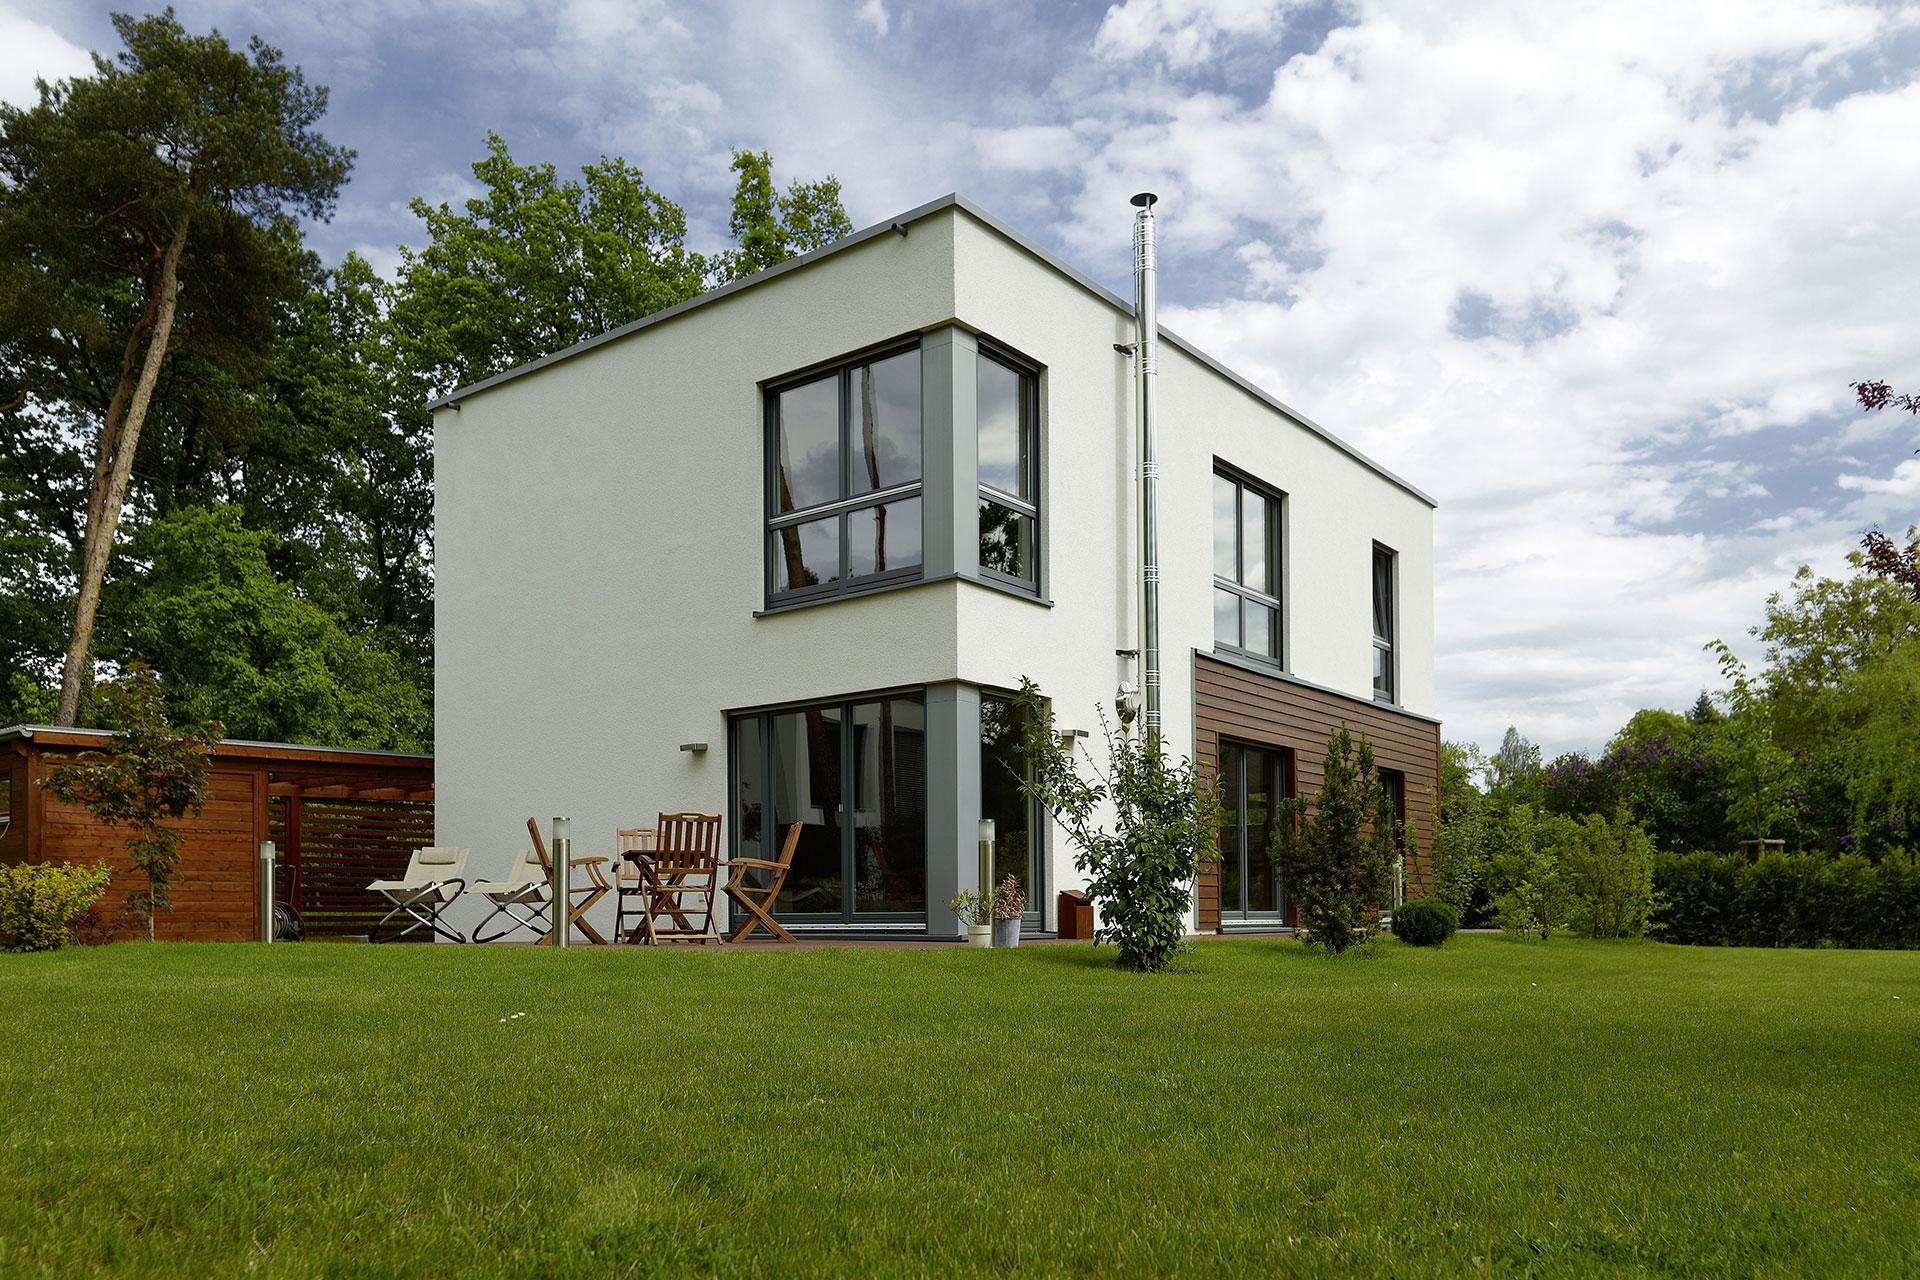 fertighaus flachdach modell stella ein fertighaus von gussek haus. Black Bedroom Furniture Sets. Home Design Ideas